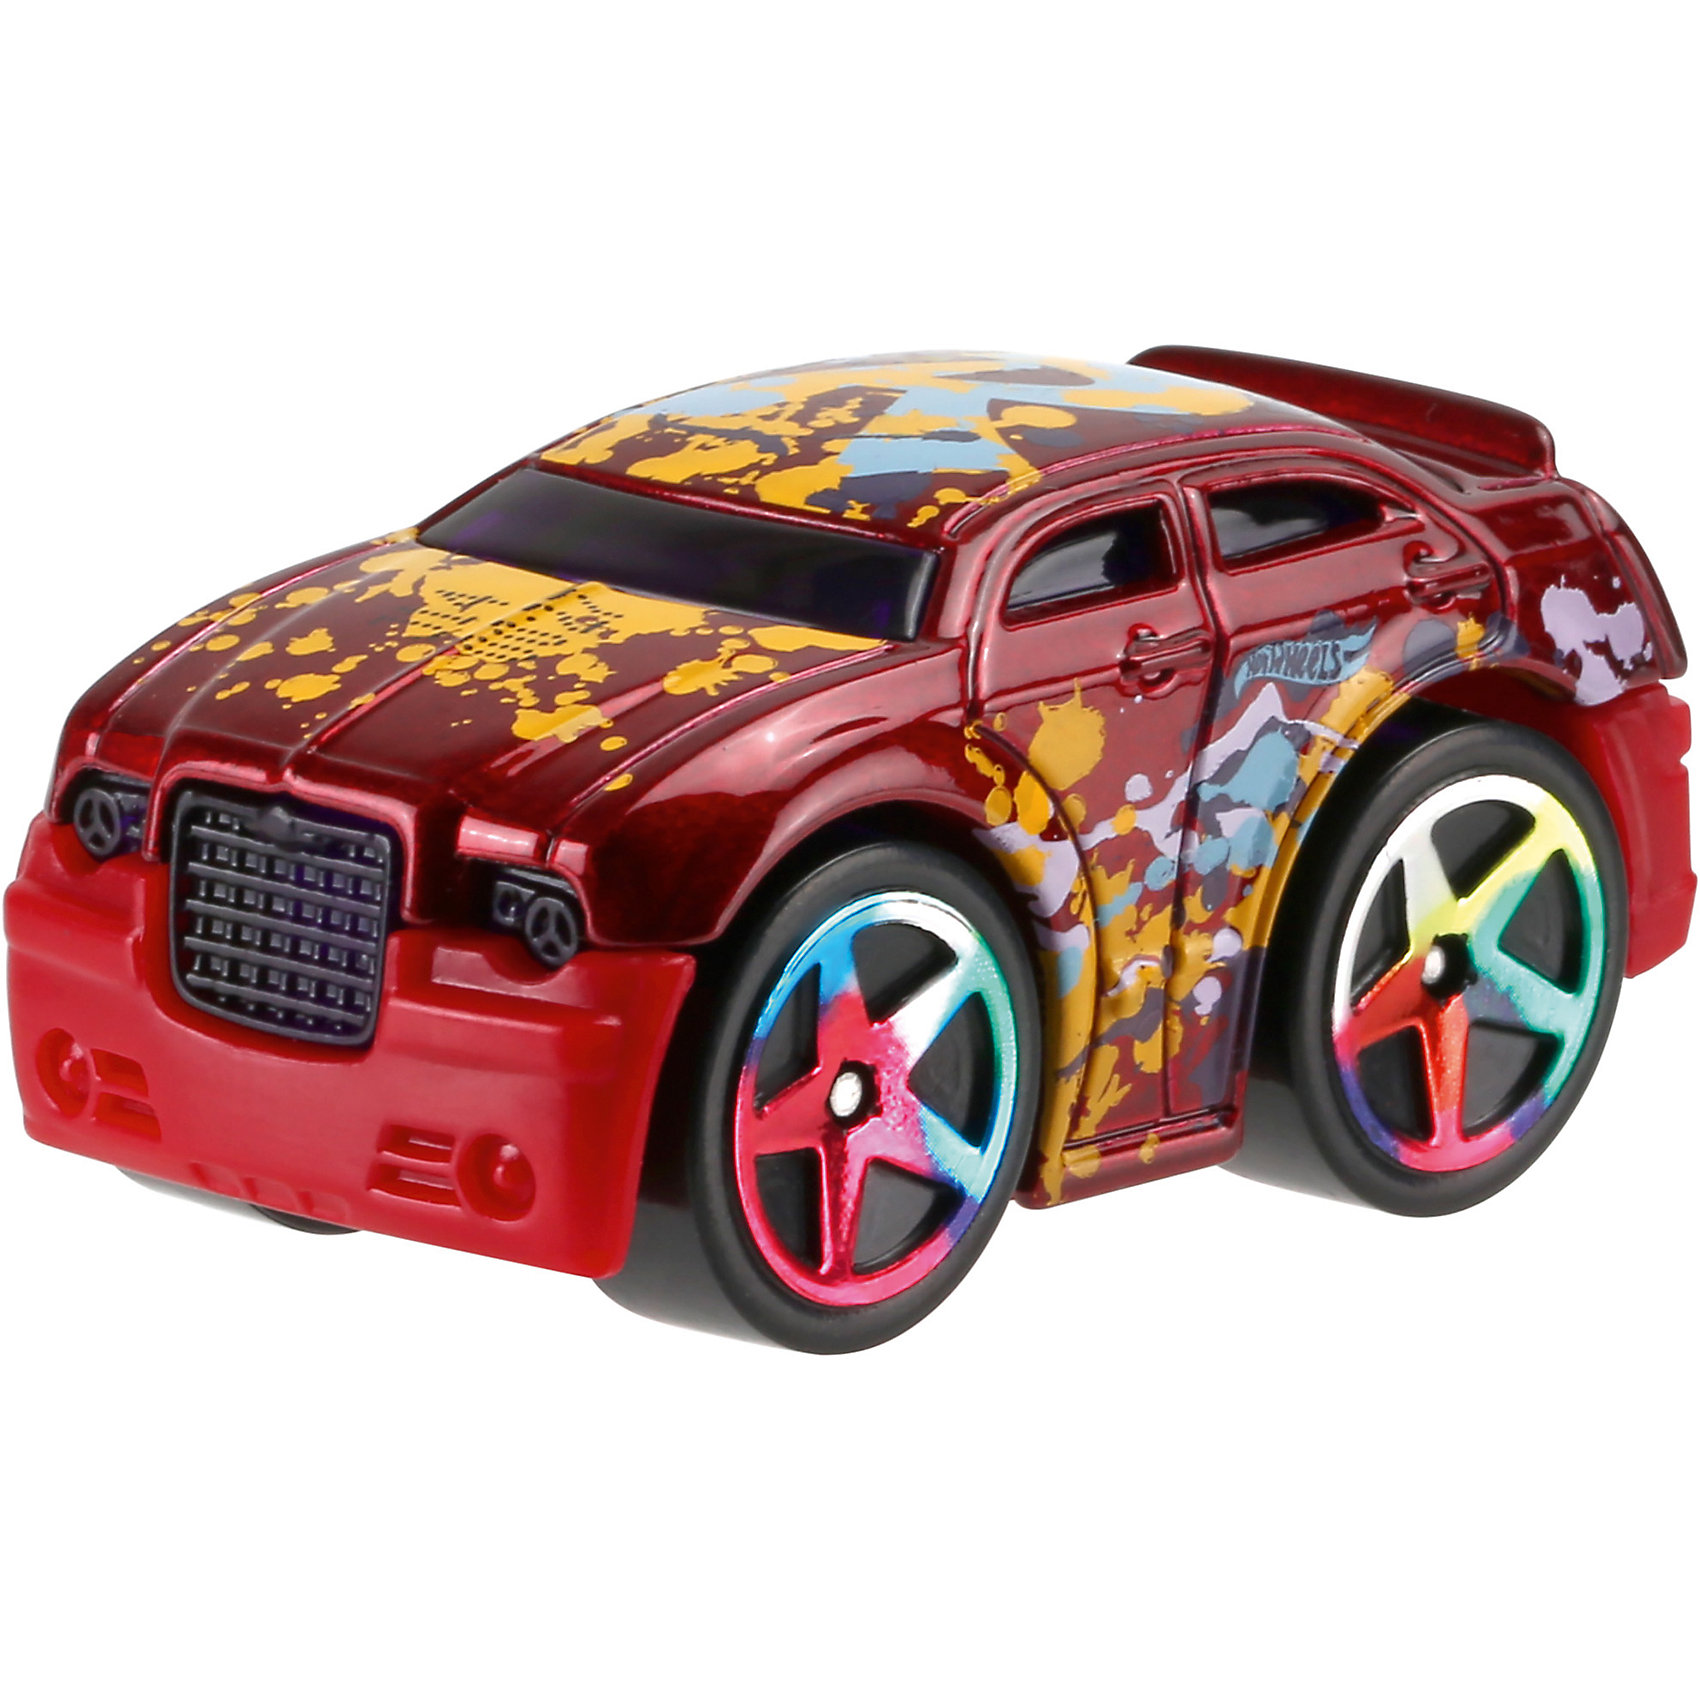 Машинка Hot Wheels из базовой коллекцииМашинка Hot Wheels из базовой коллекции – высококачественная масштабная модель машины, имеющая неординарный, радикальный дизайн. <br><br>В упаковке 1 машинка,  машинки тематически обусловлены от фантазийных, спасательных до экстремальных и просто скоростных машин. <br><br>Соберите свою коллекцию машинок Hot Wheels!<br><br>Дополнительная информация: <br><br>Машинка стандартного размера Hot Wheels<br>Размер упаковки: 11 х 10,5 х 3,5 см<br><br>Ширина мм: 110<br>Глубина мм: 45<br>Высота мм: 110<br>Вес г: 30<br>Возраст от месяцев: 36<br>Возраст до месяцев: 96<br>Пол: Мужской<br>Возраст: Детский<br>SKU: 5033420